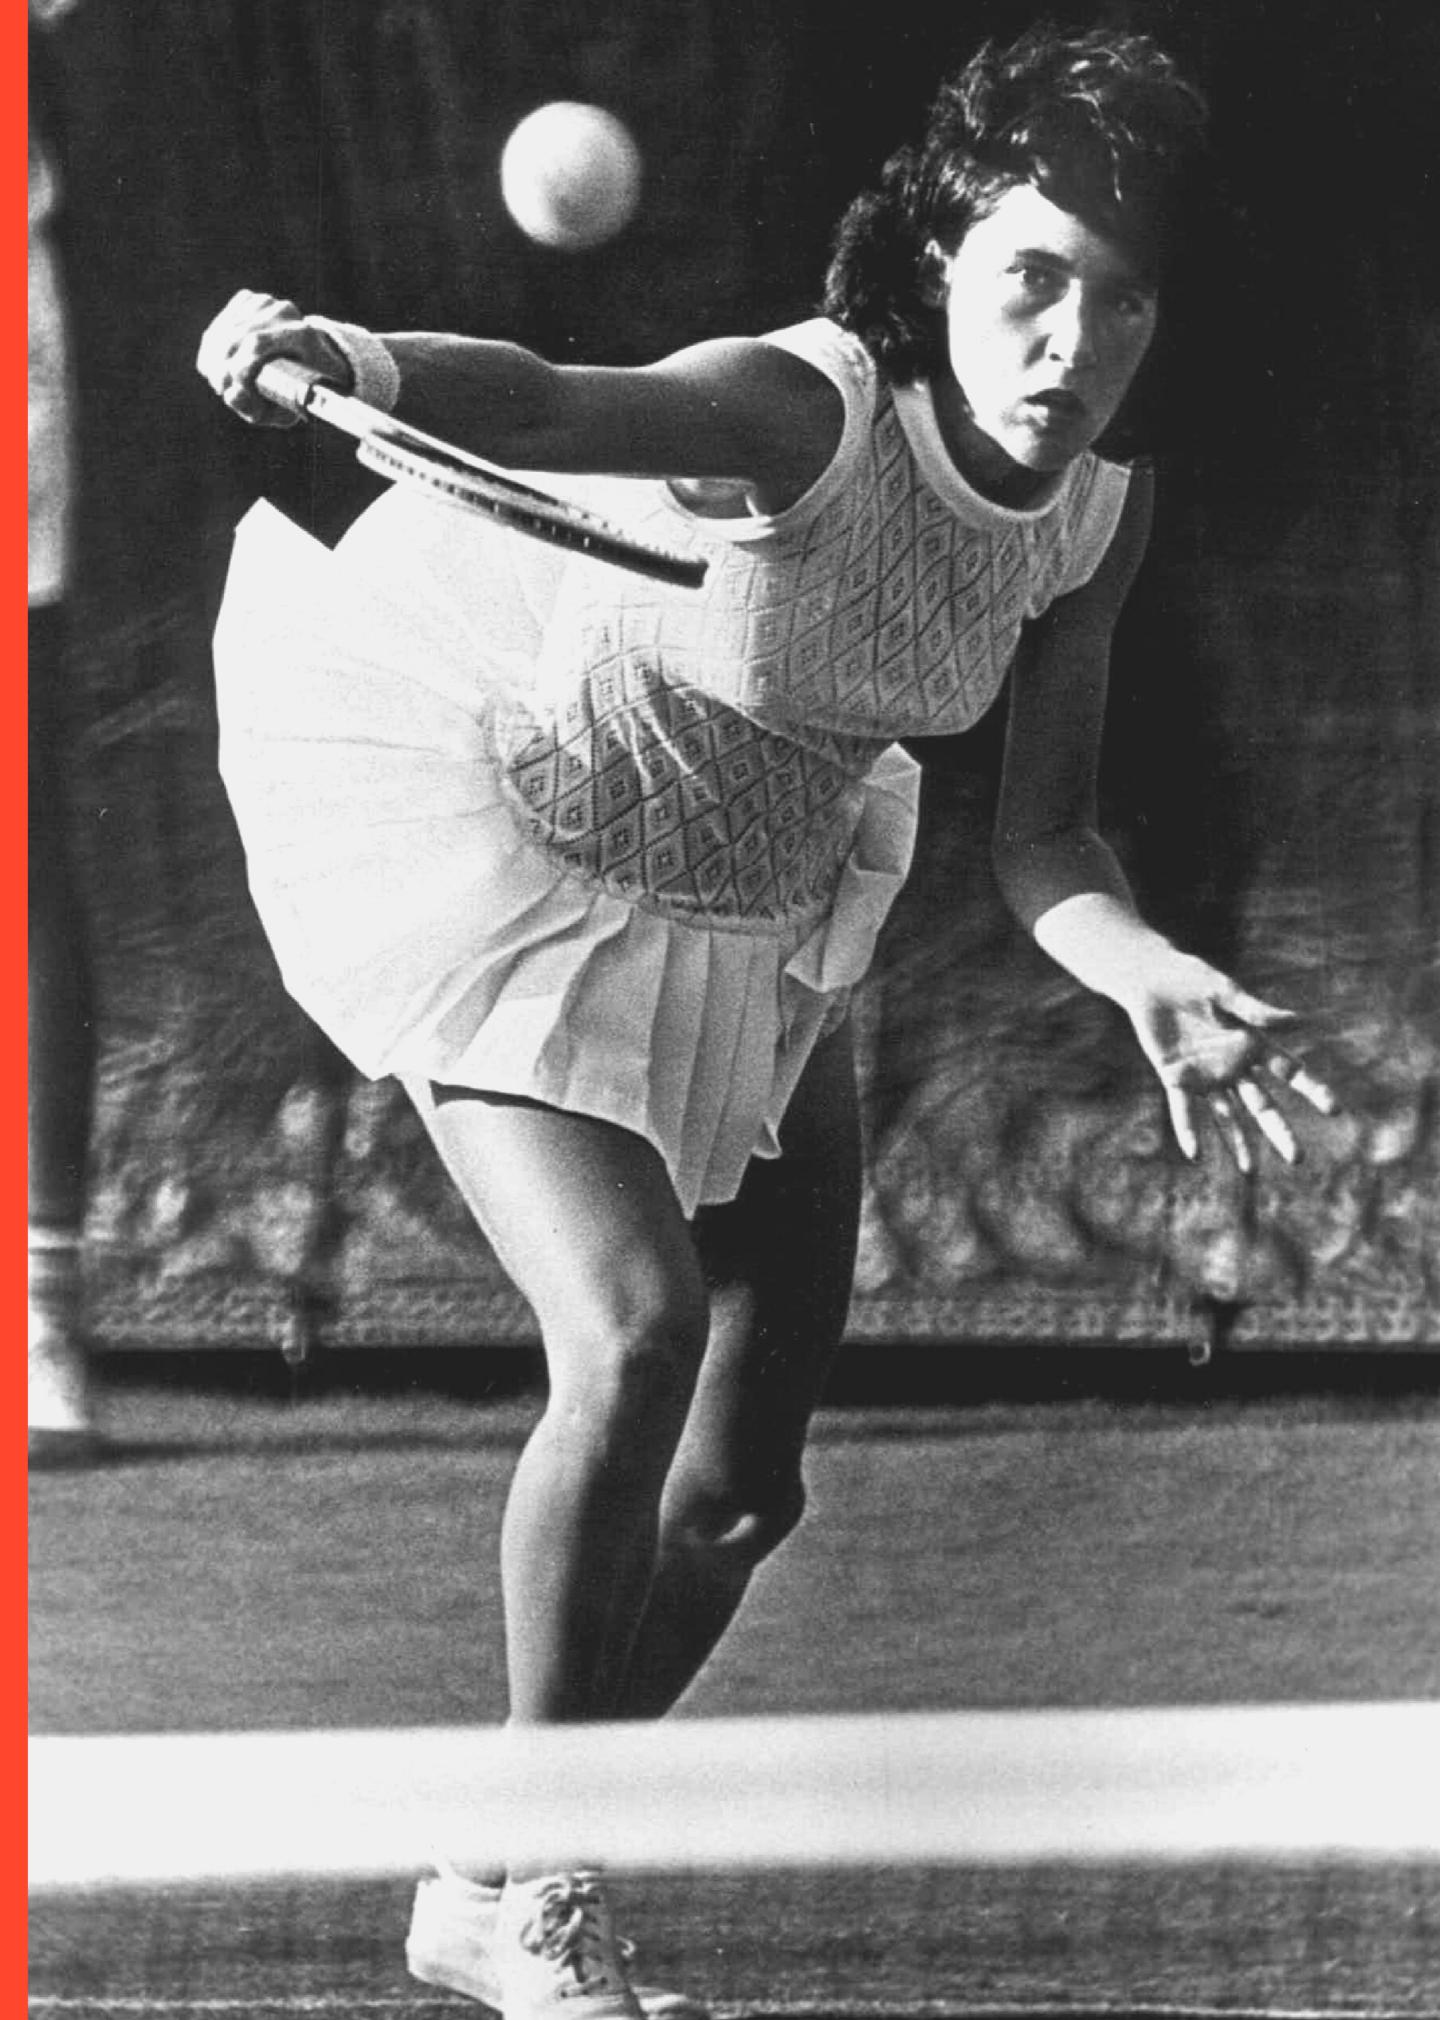 Patricia Bostrom